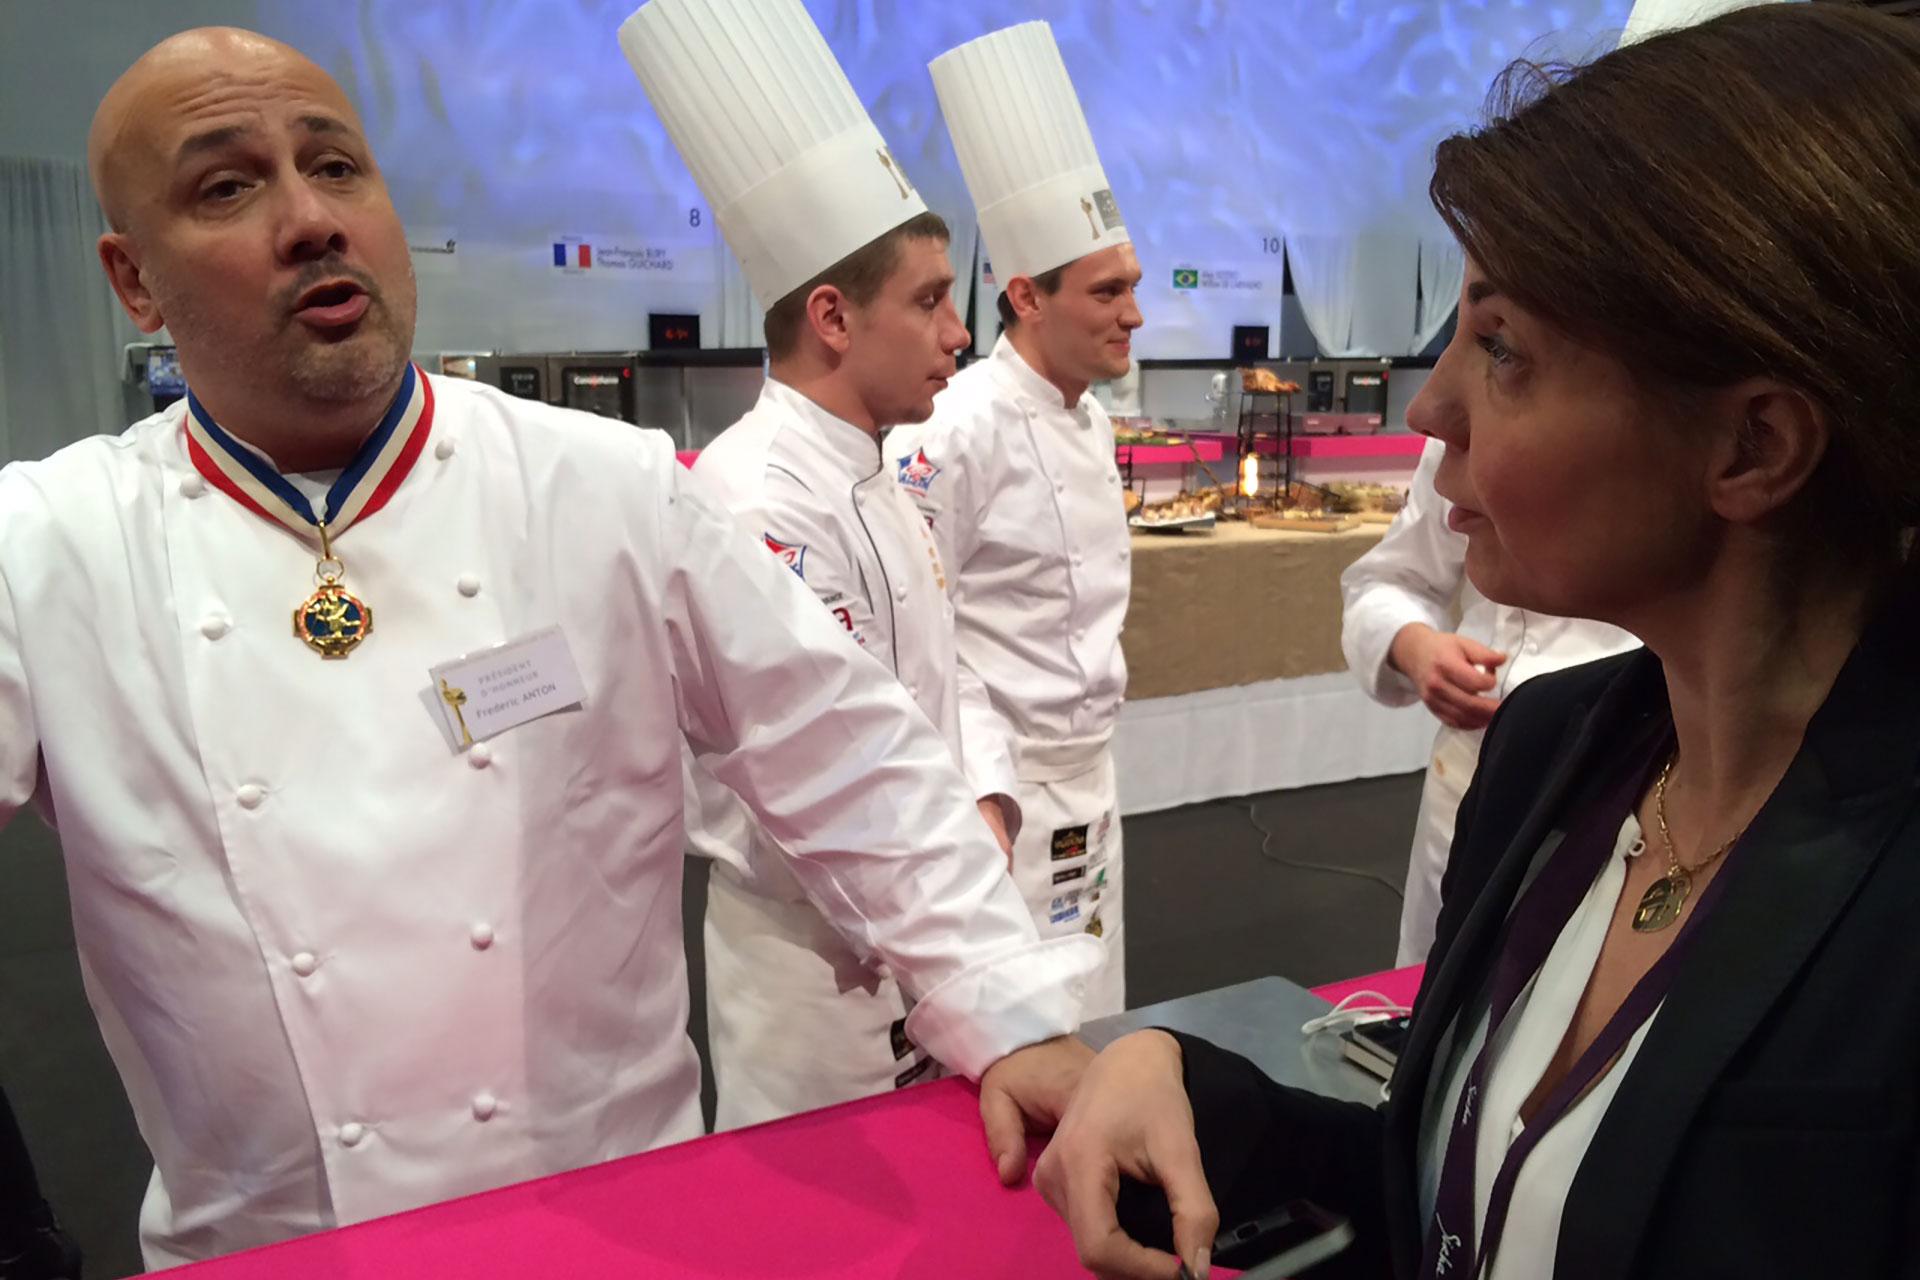 Frédéric Anton Président d'honneur du jury de l'International Catering Cup